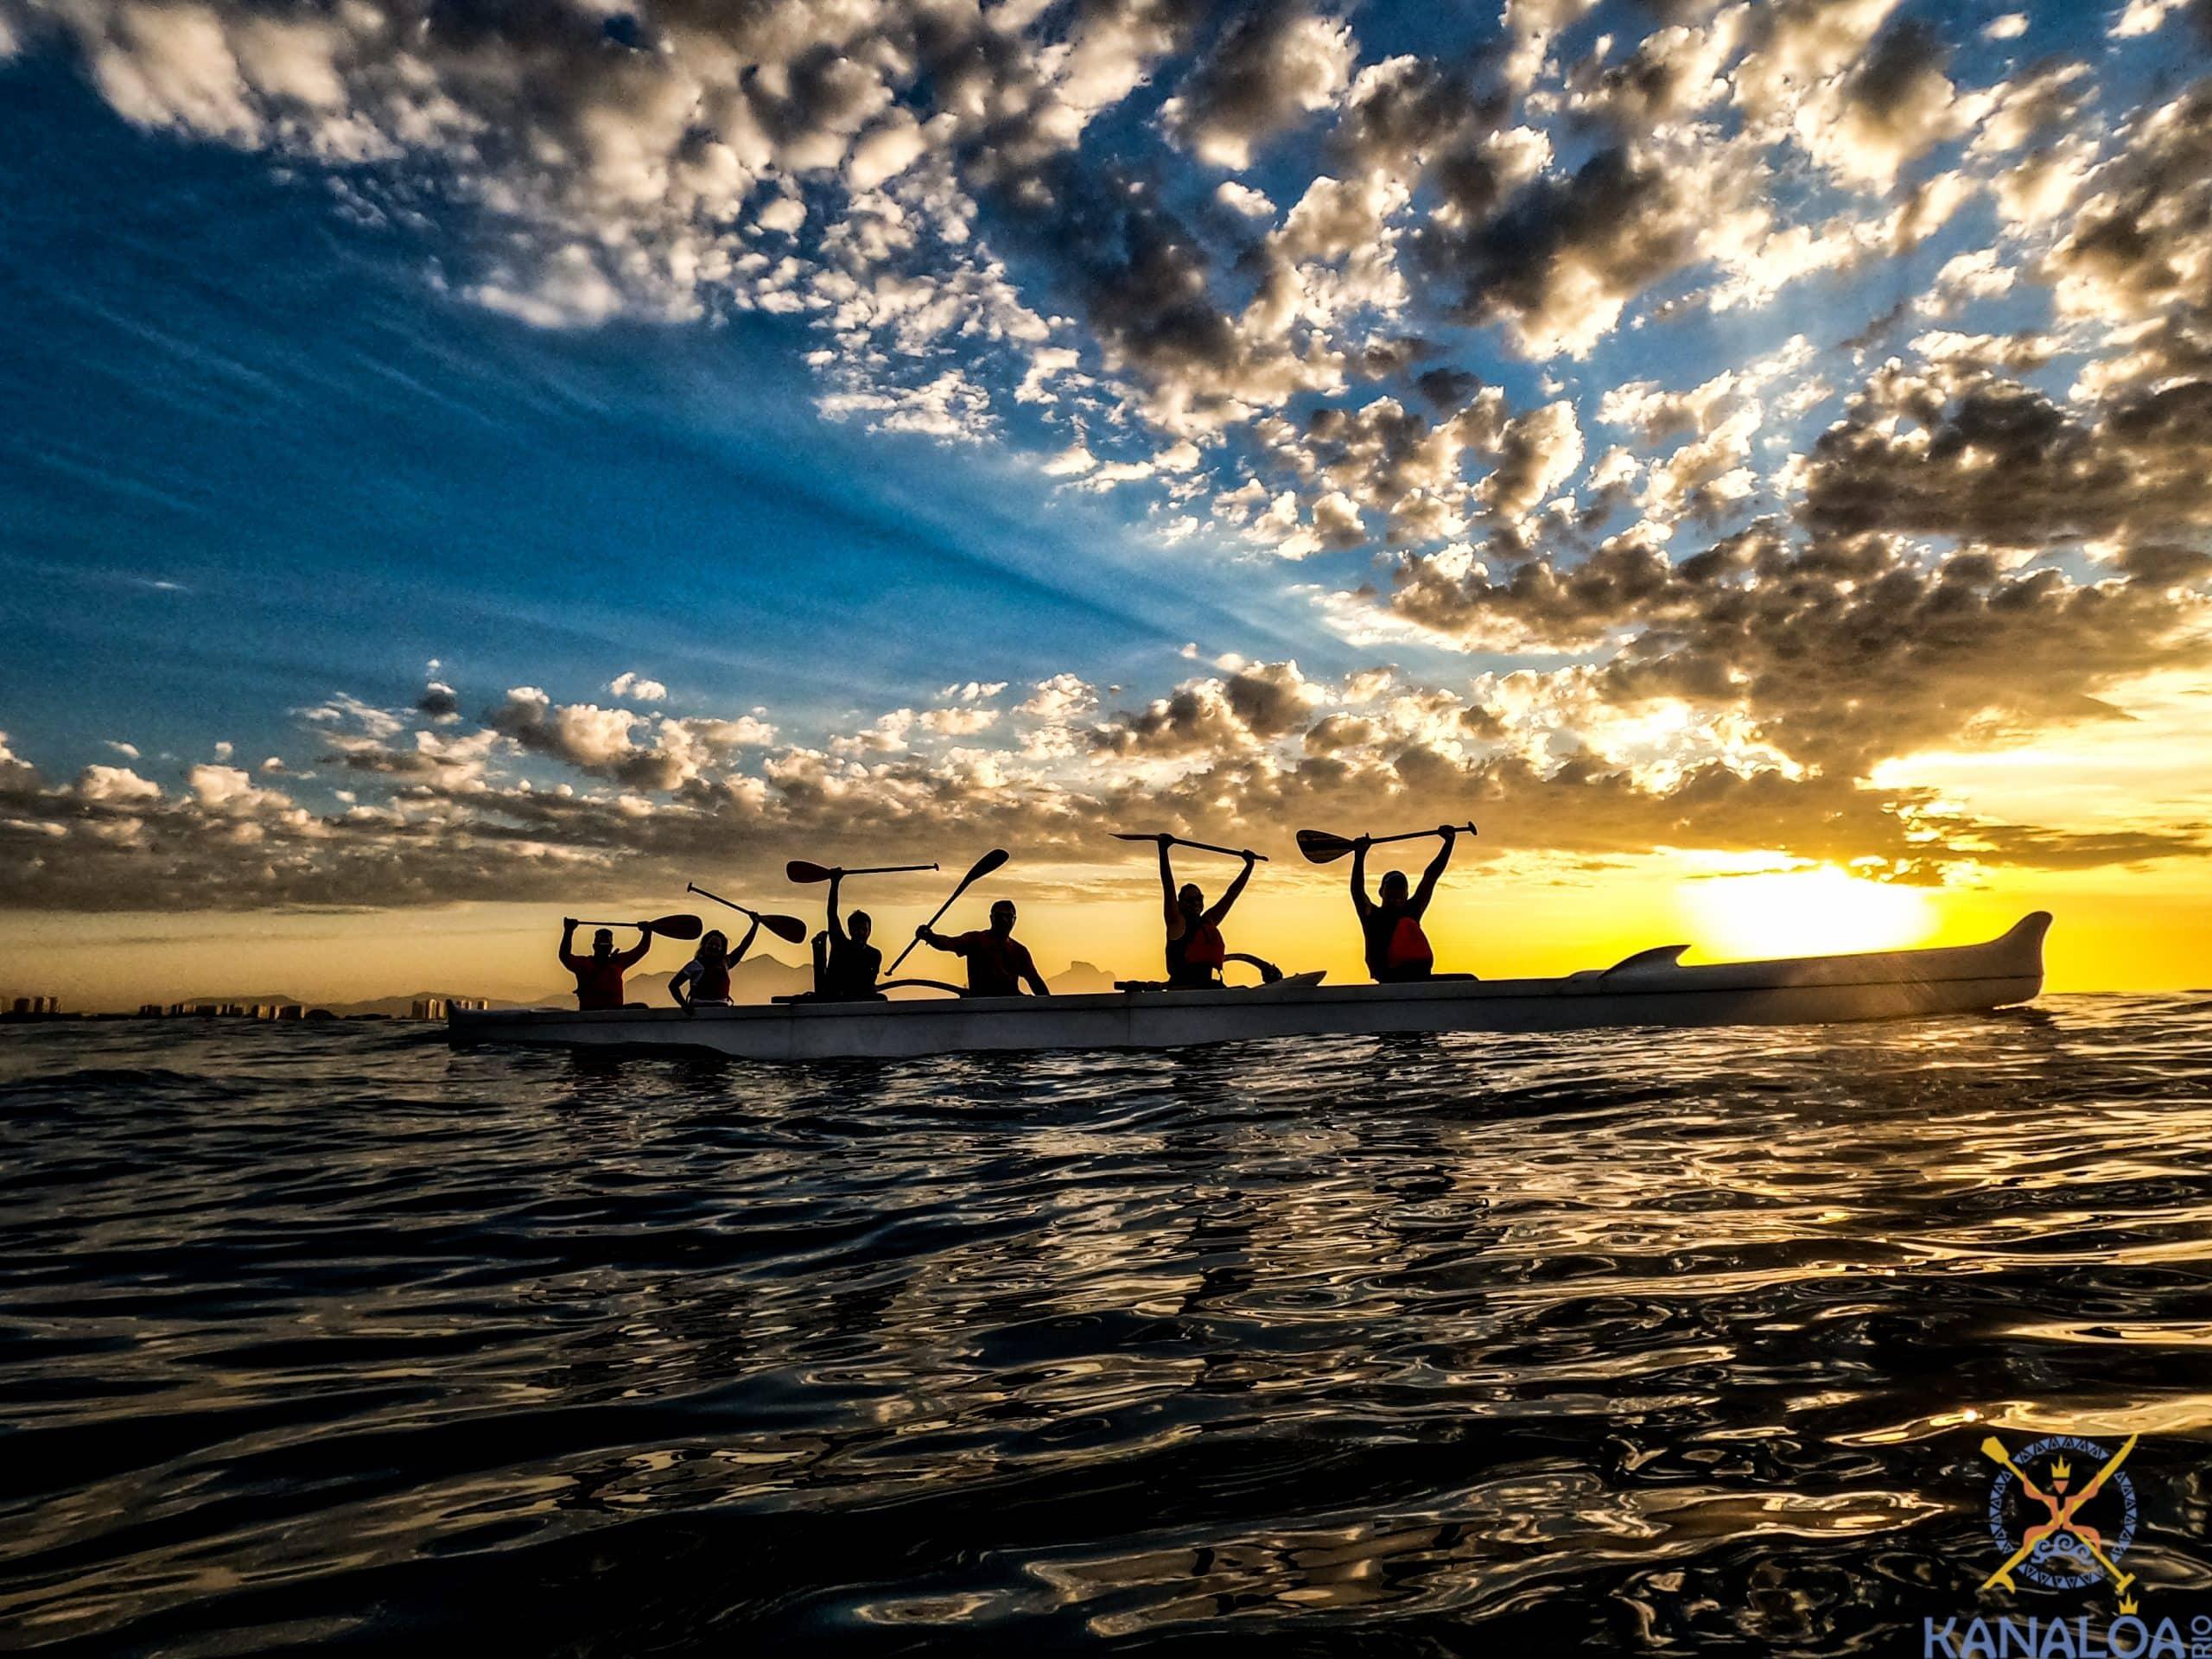 aula canoa havaiana recreio dos bandeirantes